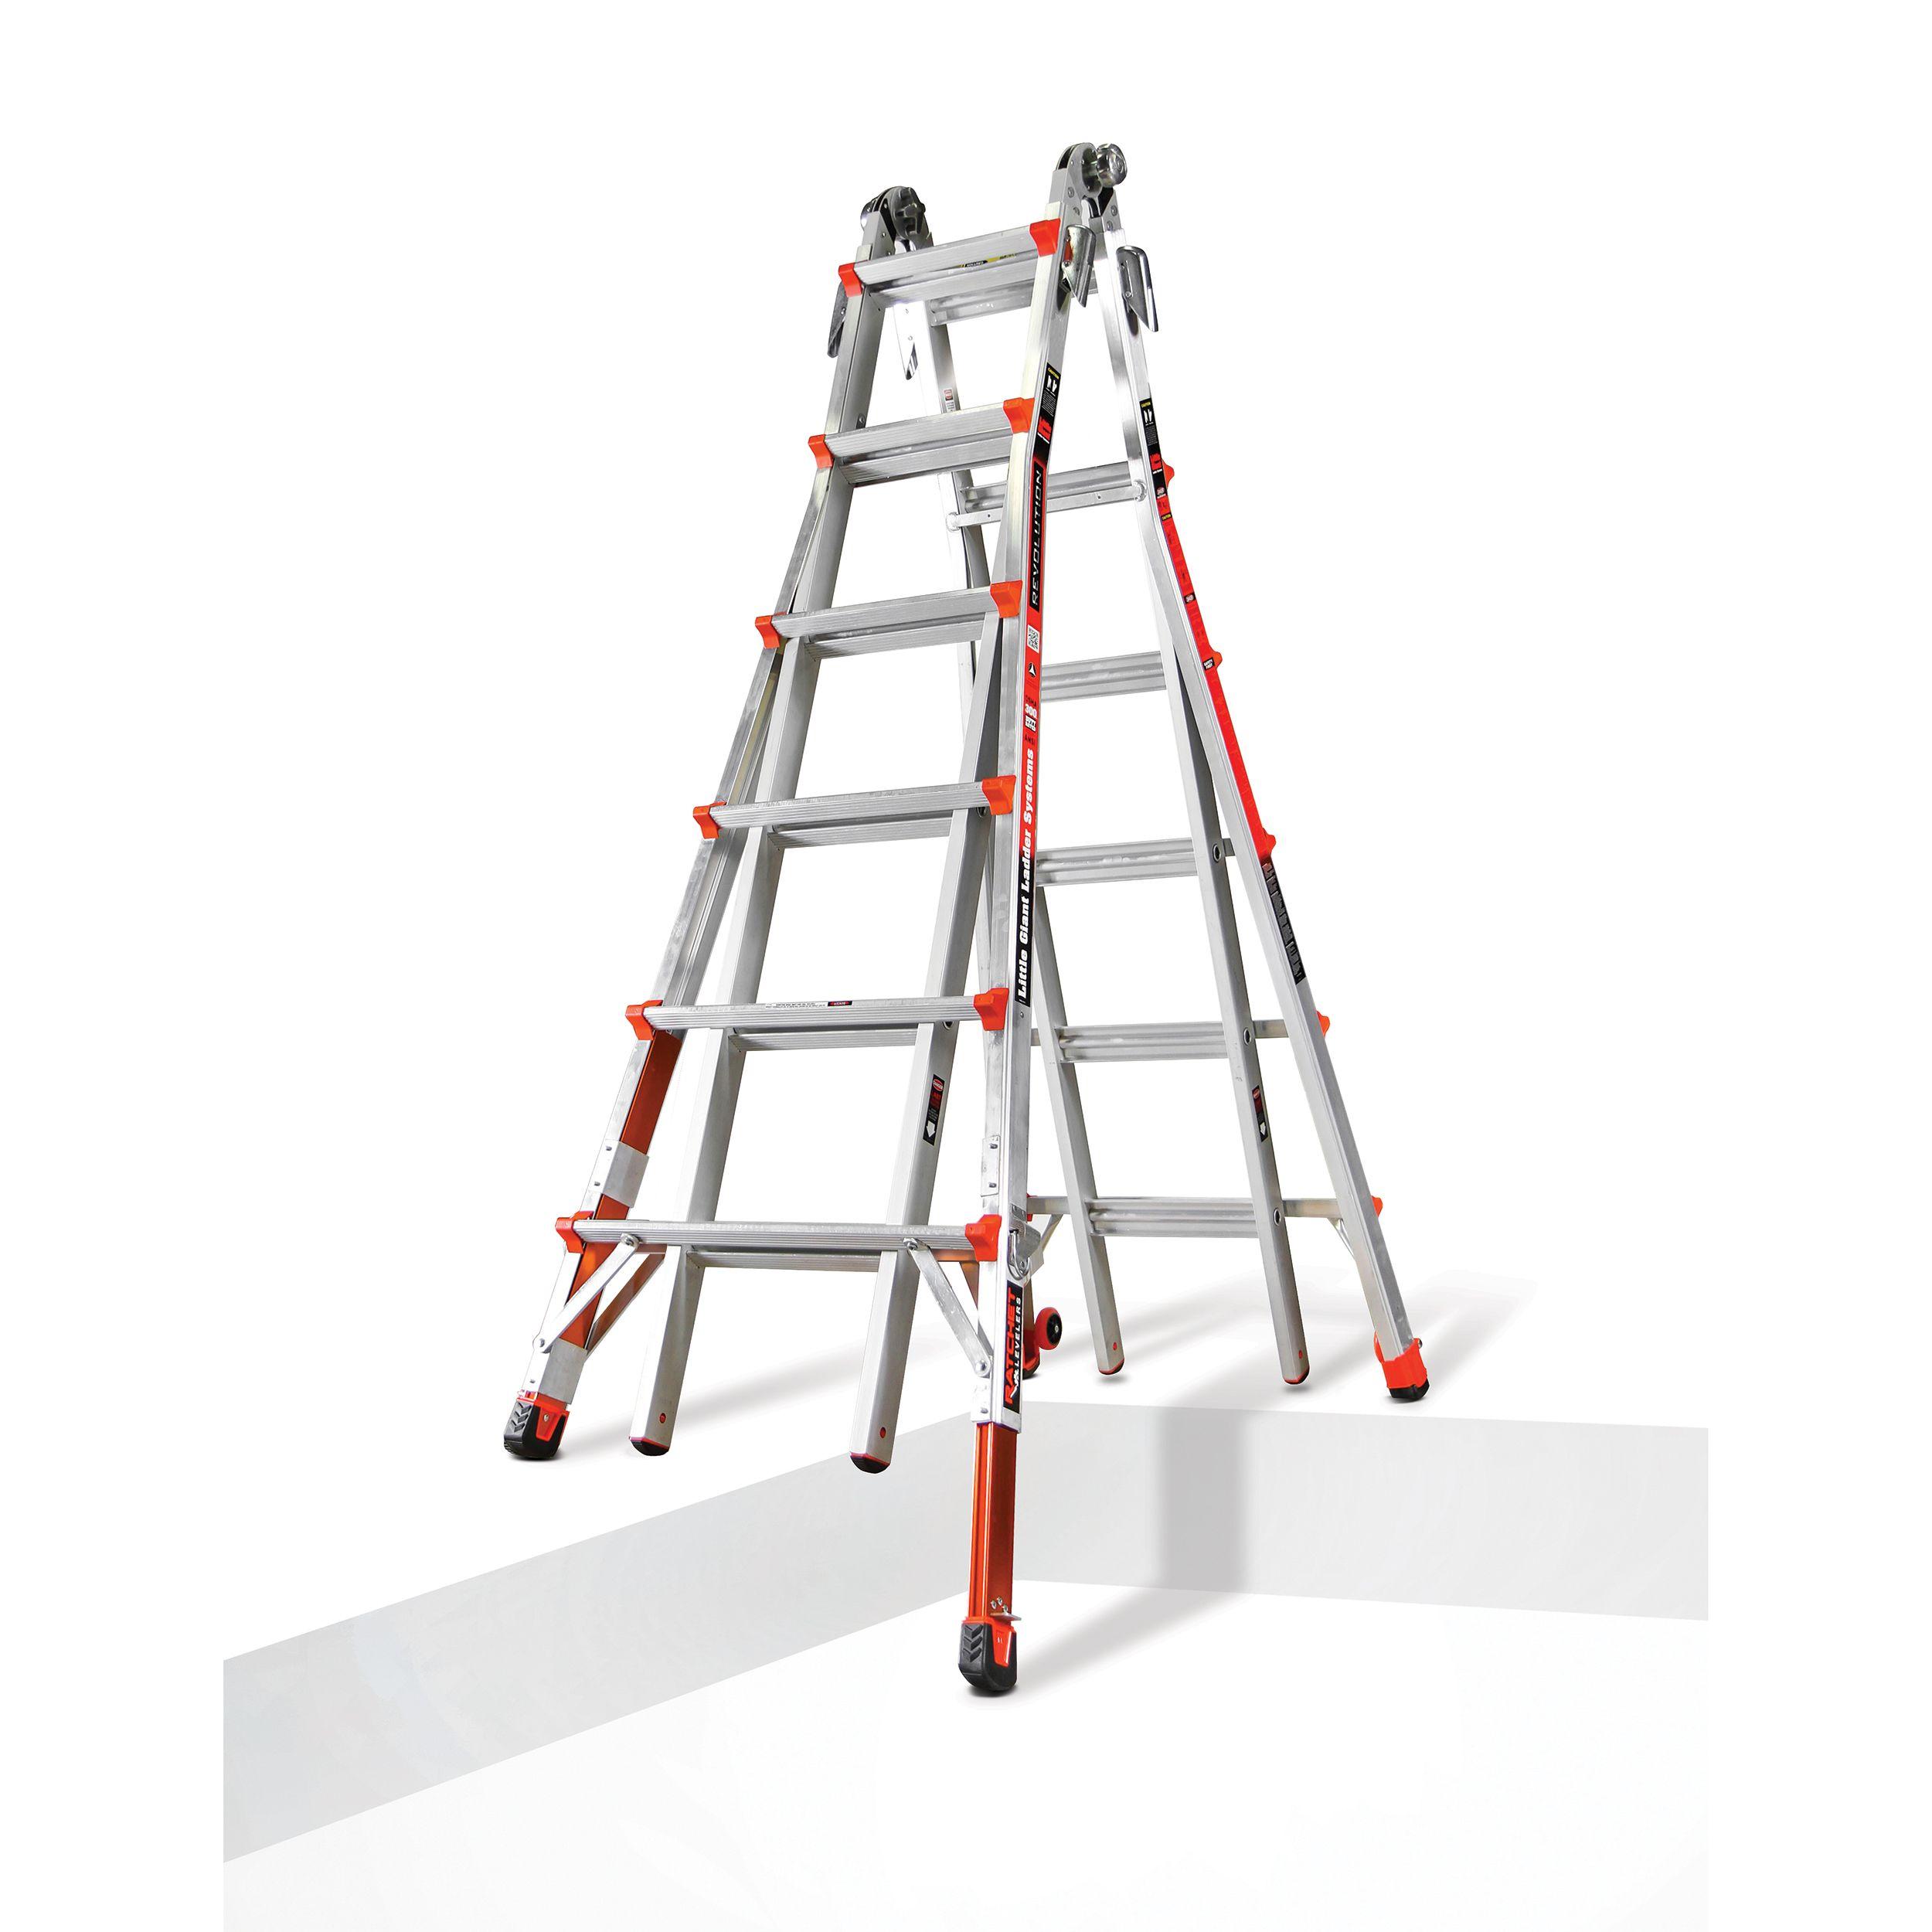 Little Giant Revolution Ladder 26 With Built In Ratchet Leveler